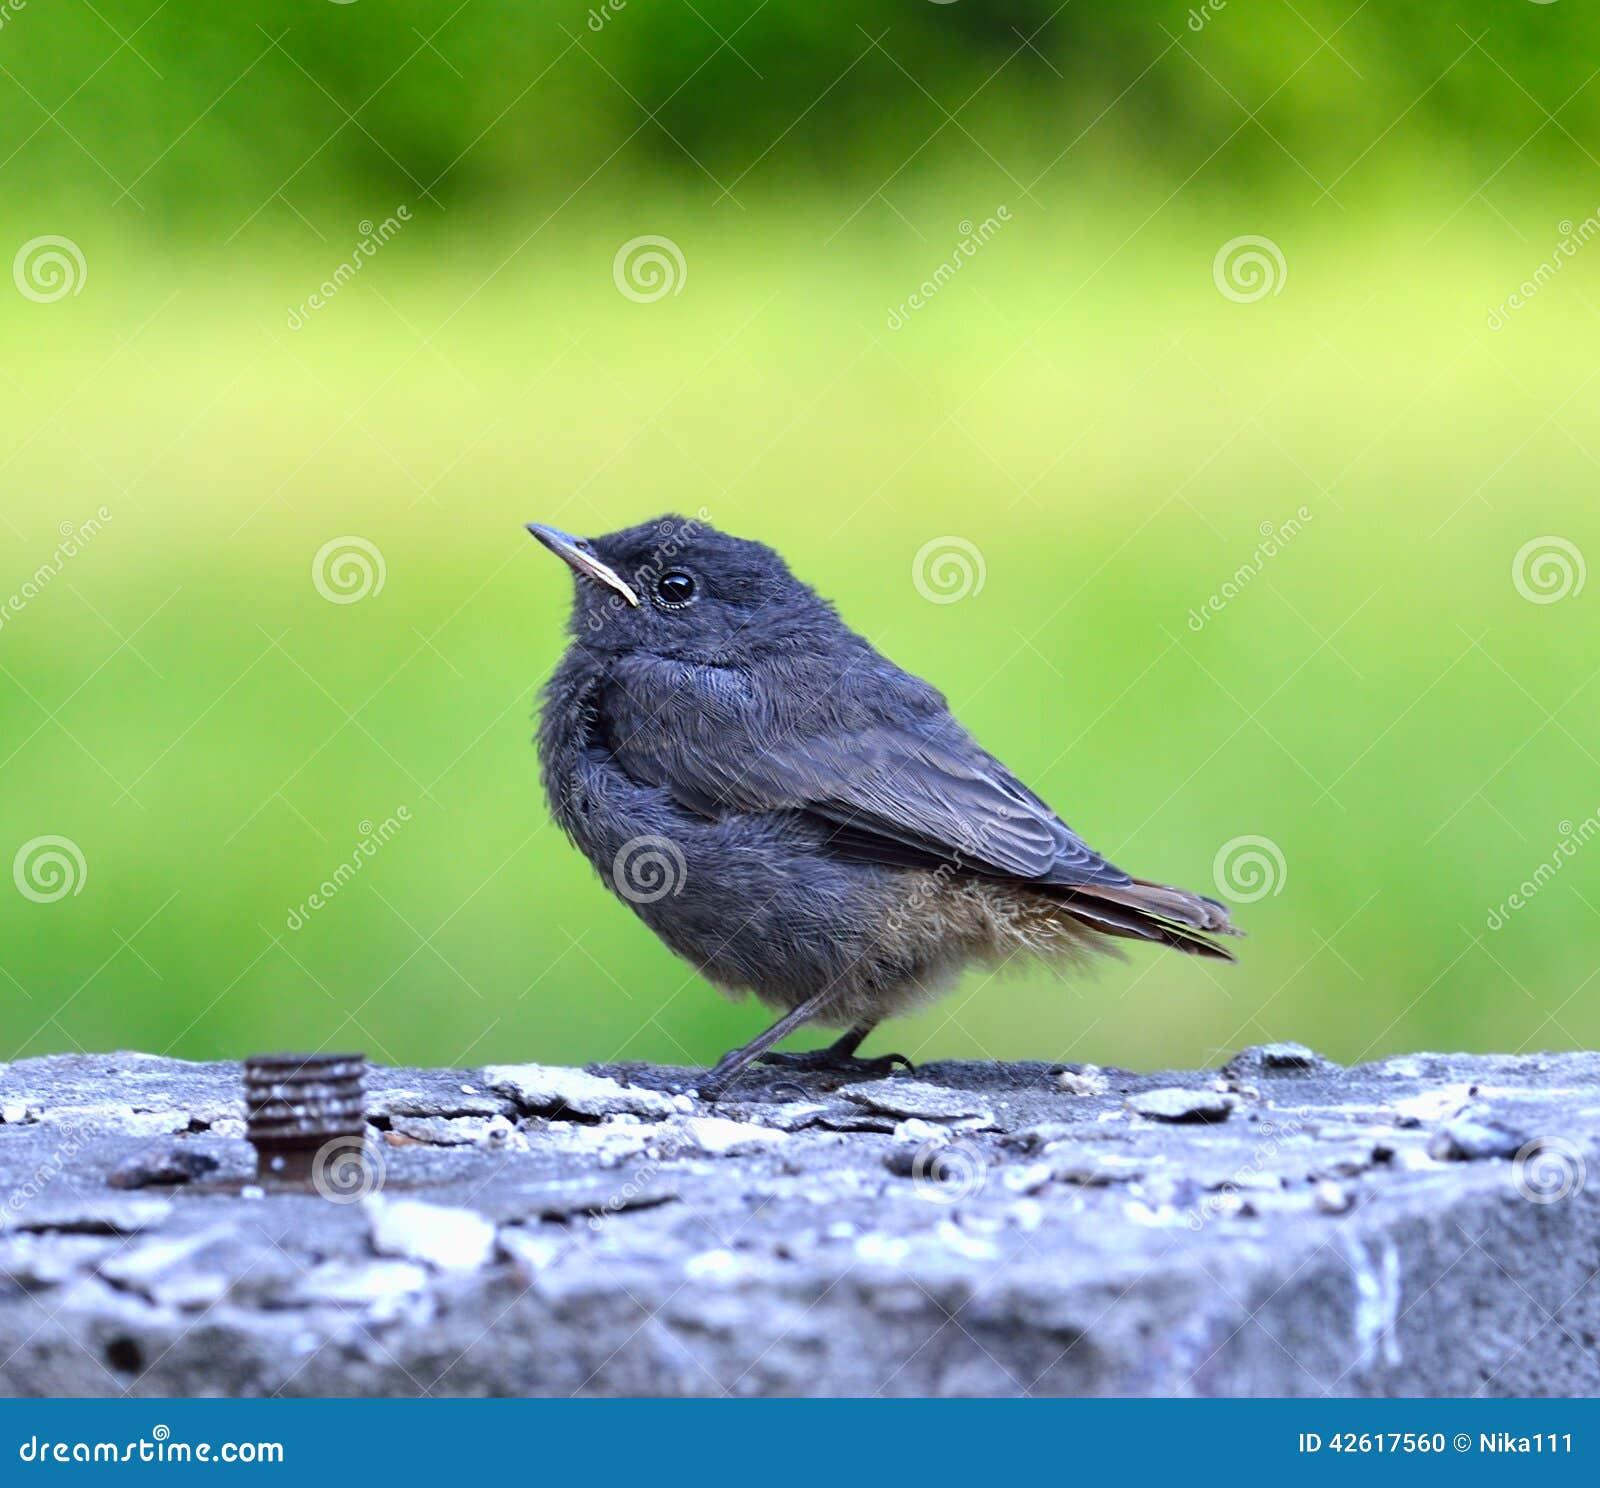 kleiner grauer schwarzer vogel auf dem gr nen hintergrund stockfoto bild 42617560. Black Bedroom Furniture Sets. Home Design Ideas